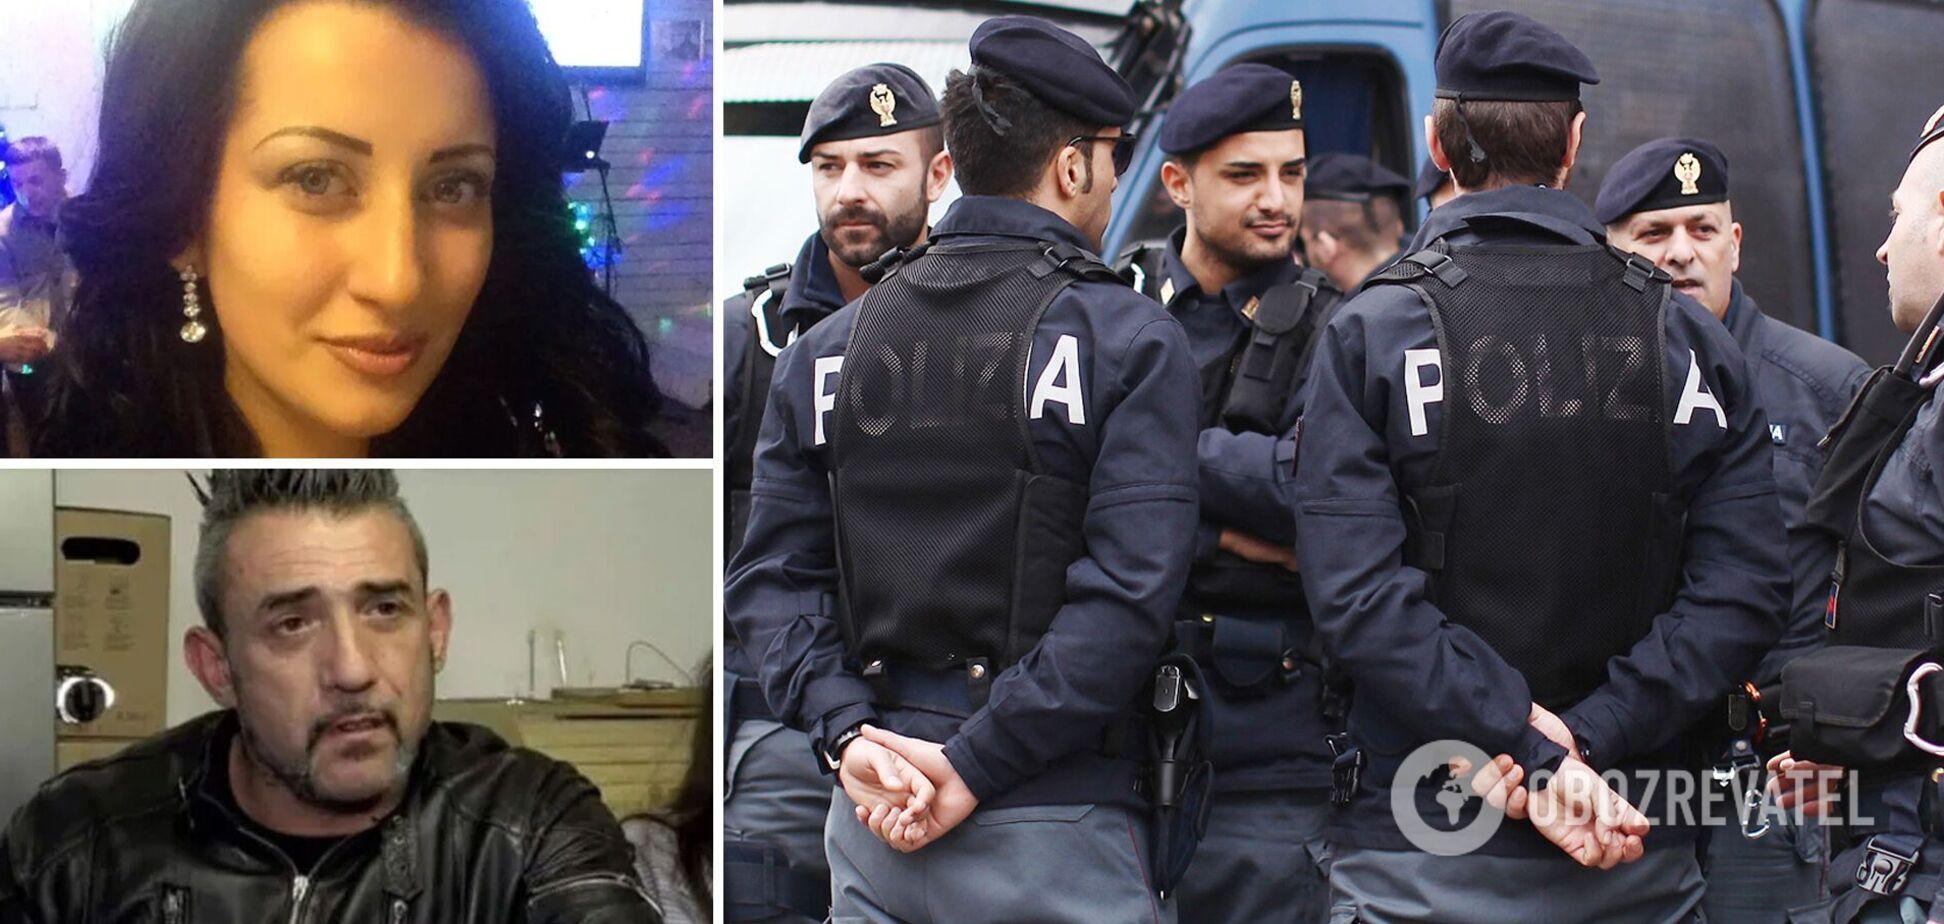 В Італії зникла молода українка: підозрюваного в убивстві затримали, але мама впевнена, що дочка жива